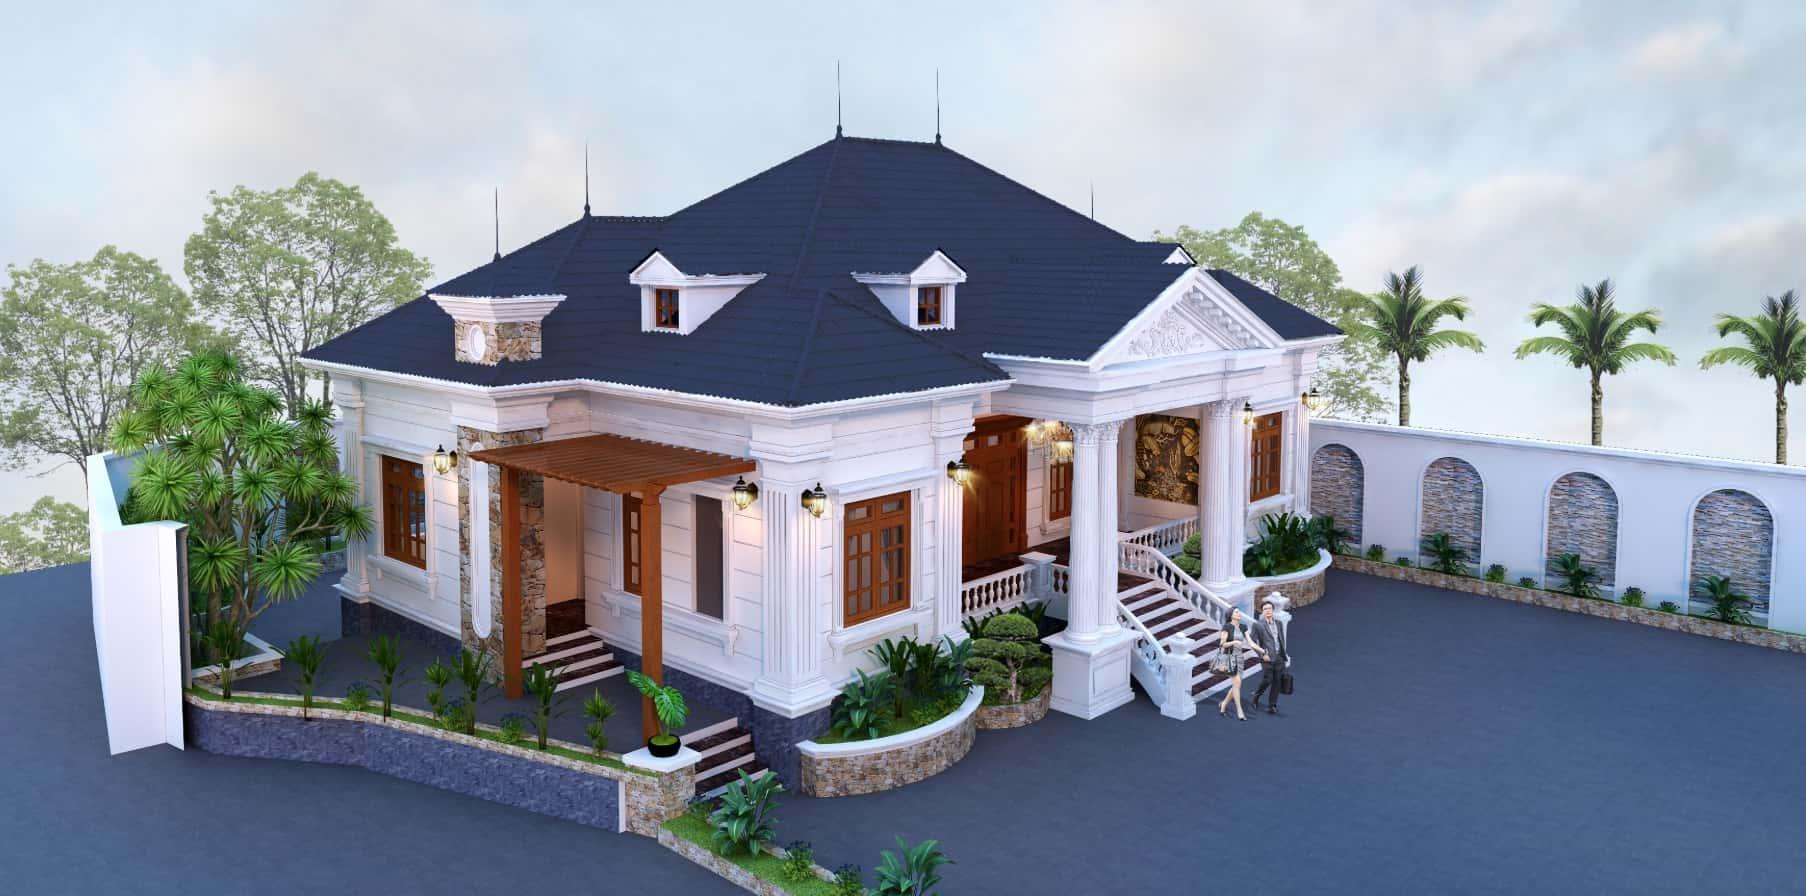 biet thu 1 tang tan co dien 1 - Công trình biệt thự 1 tầng tân cổ điển mái thái đẹp